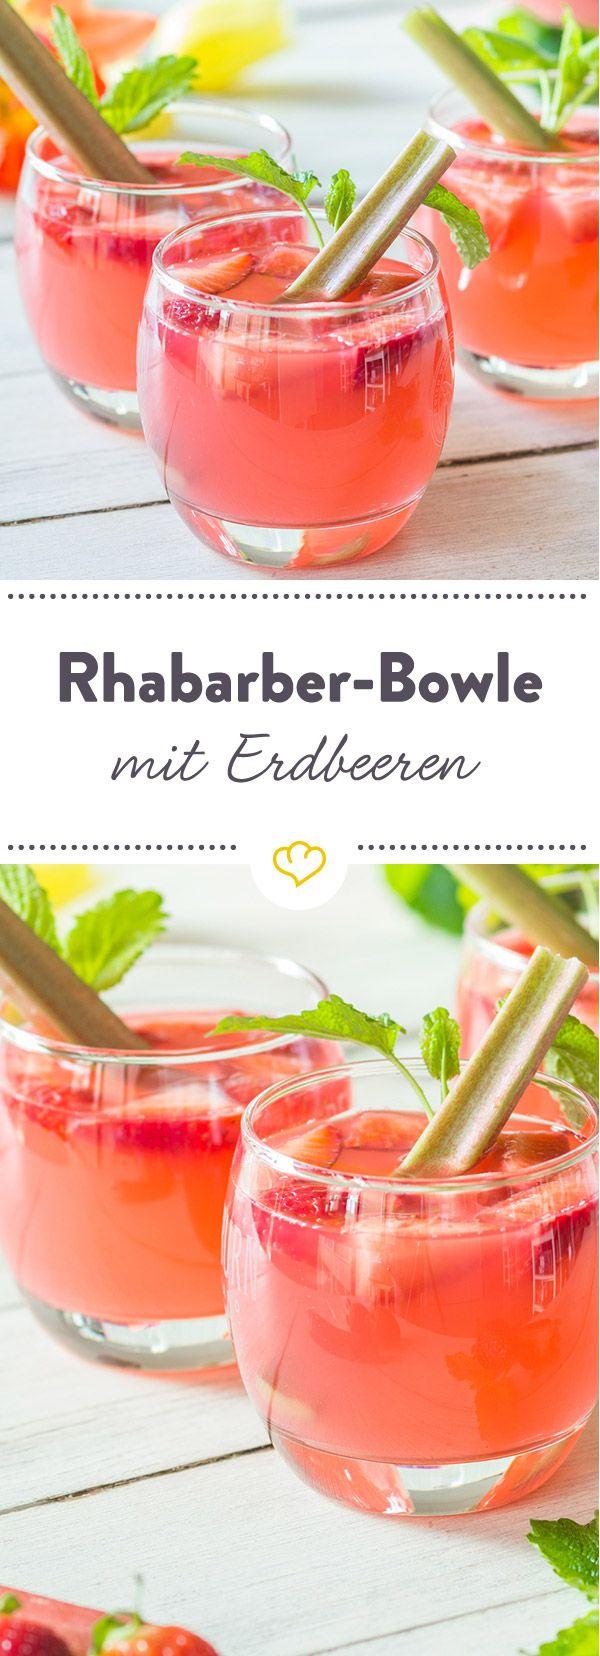 Prickelnder Sommer-Drink: Viele frische Erdbeeren lassen sich in erfrischender, selbstgemachter Bowle aus Rhabarbersaft, Weißwein und Prosecco treiben.